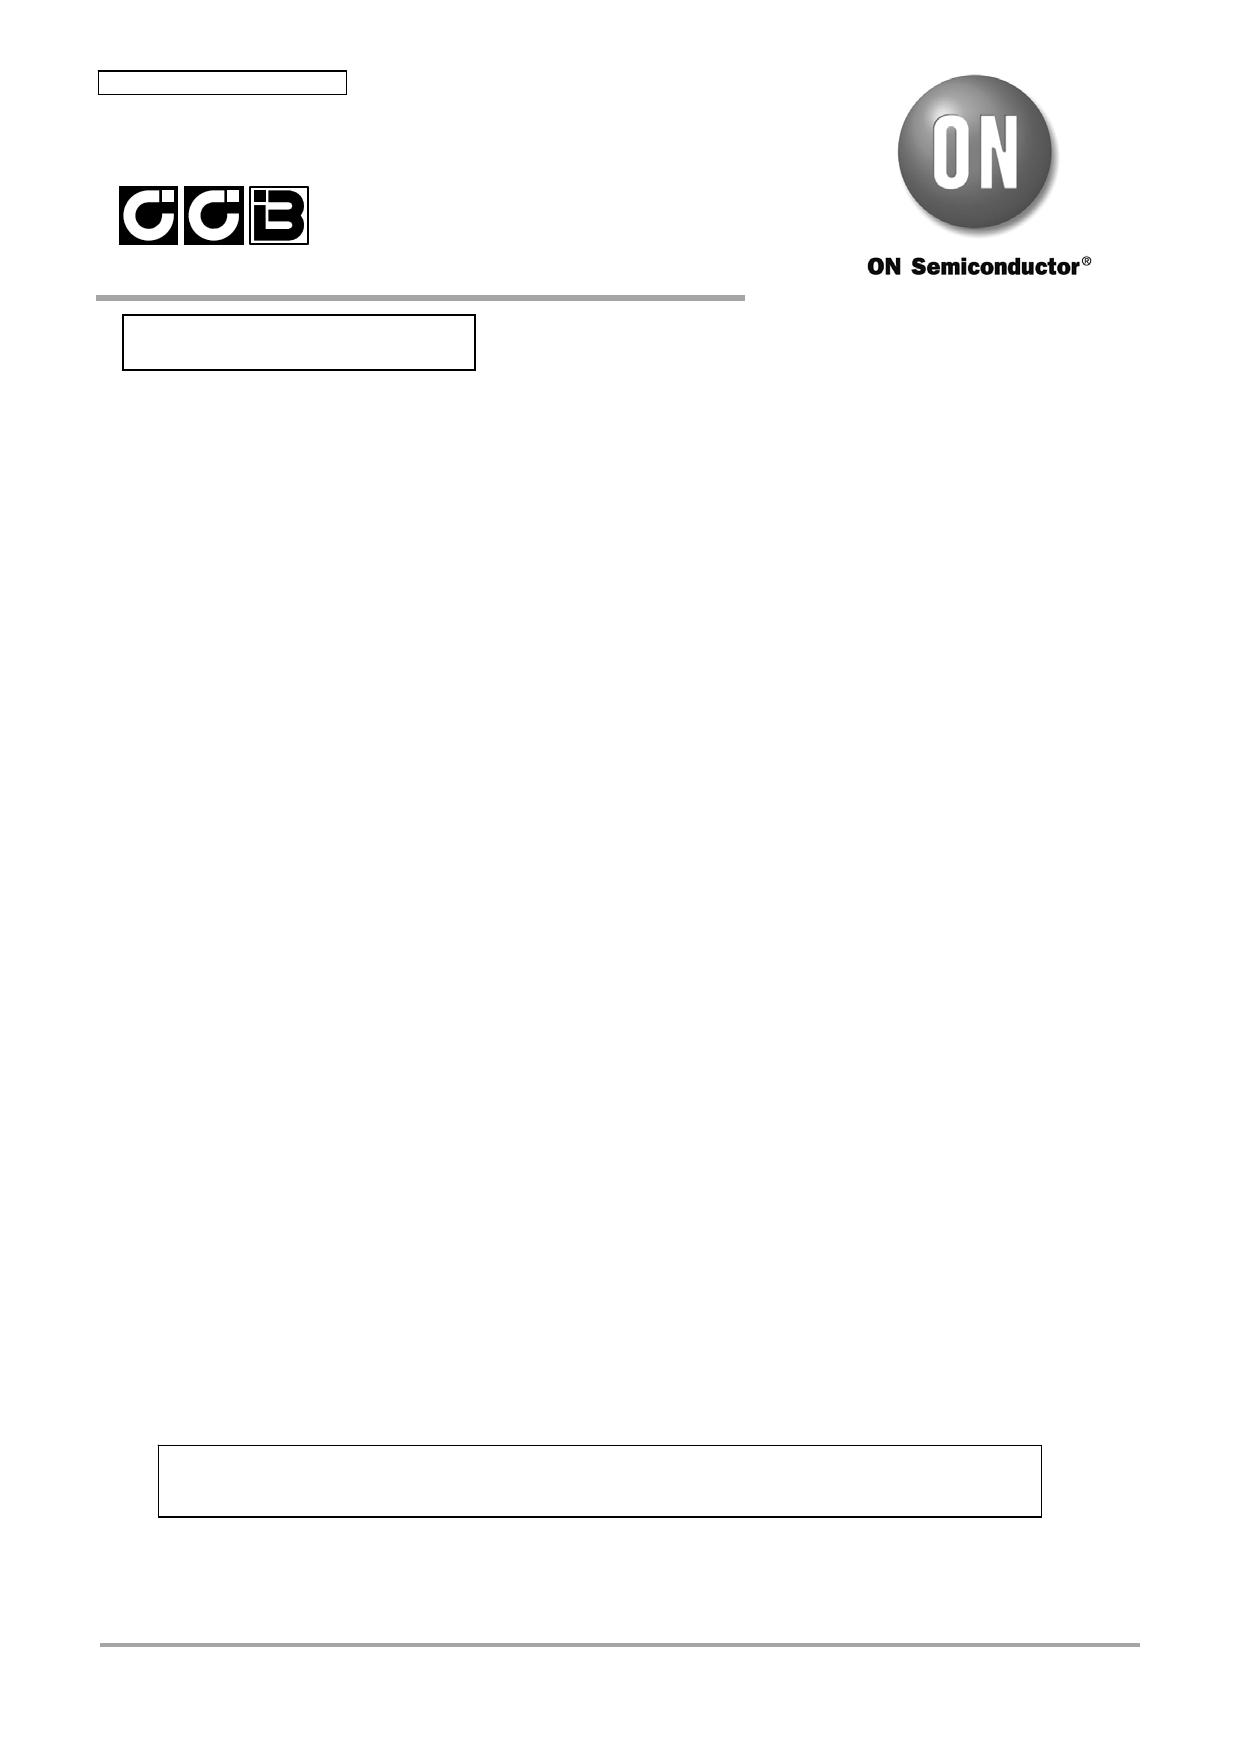 LC75857W datasheet